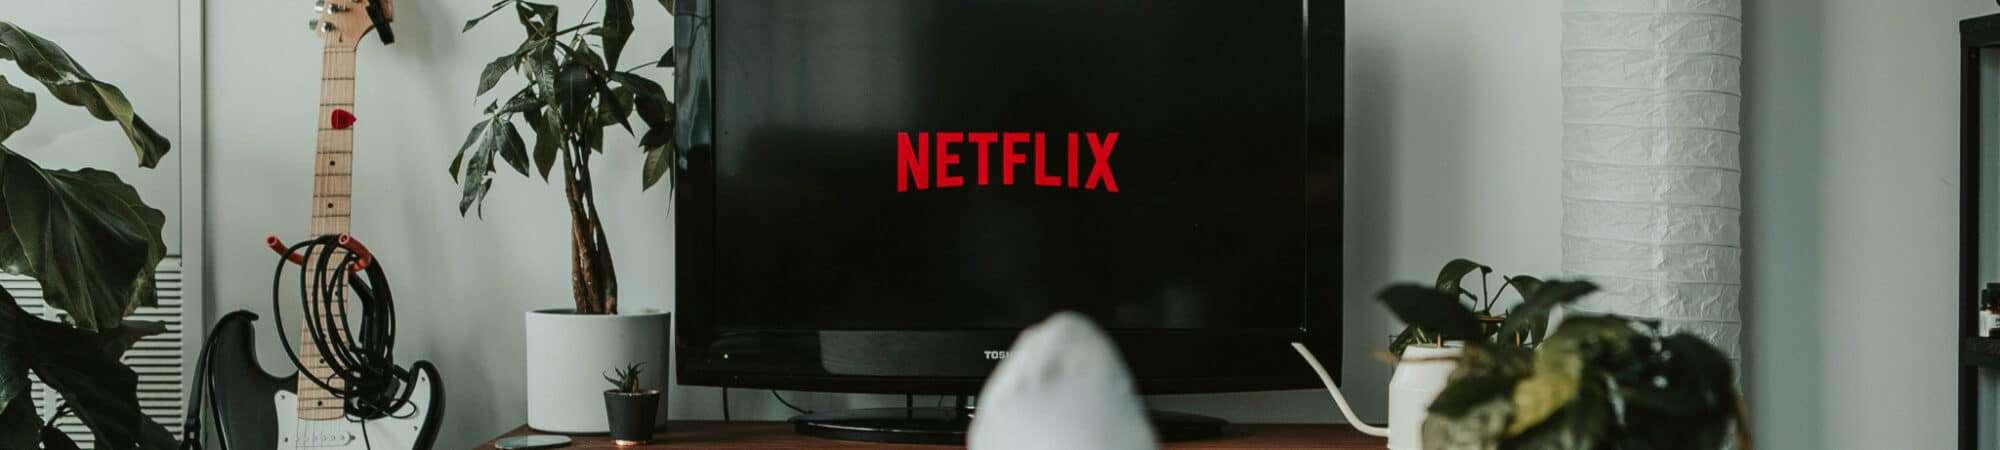 Pessoa assistindo Netflix